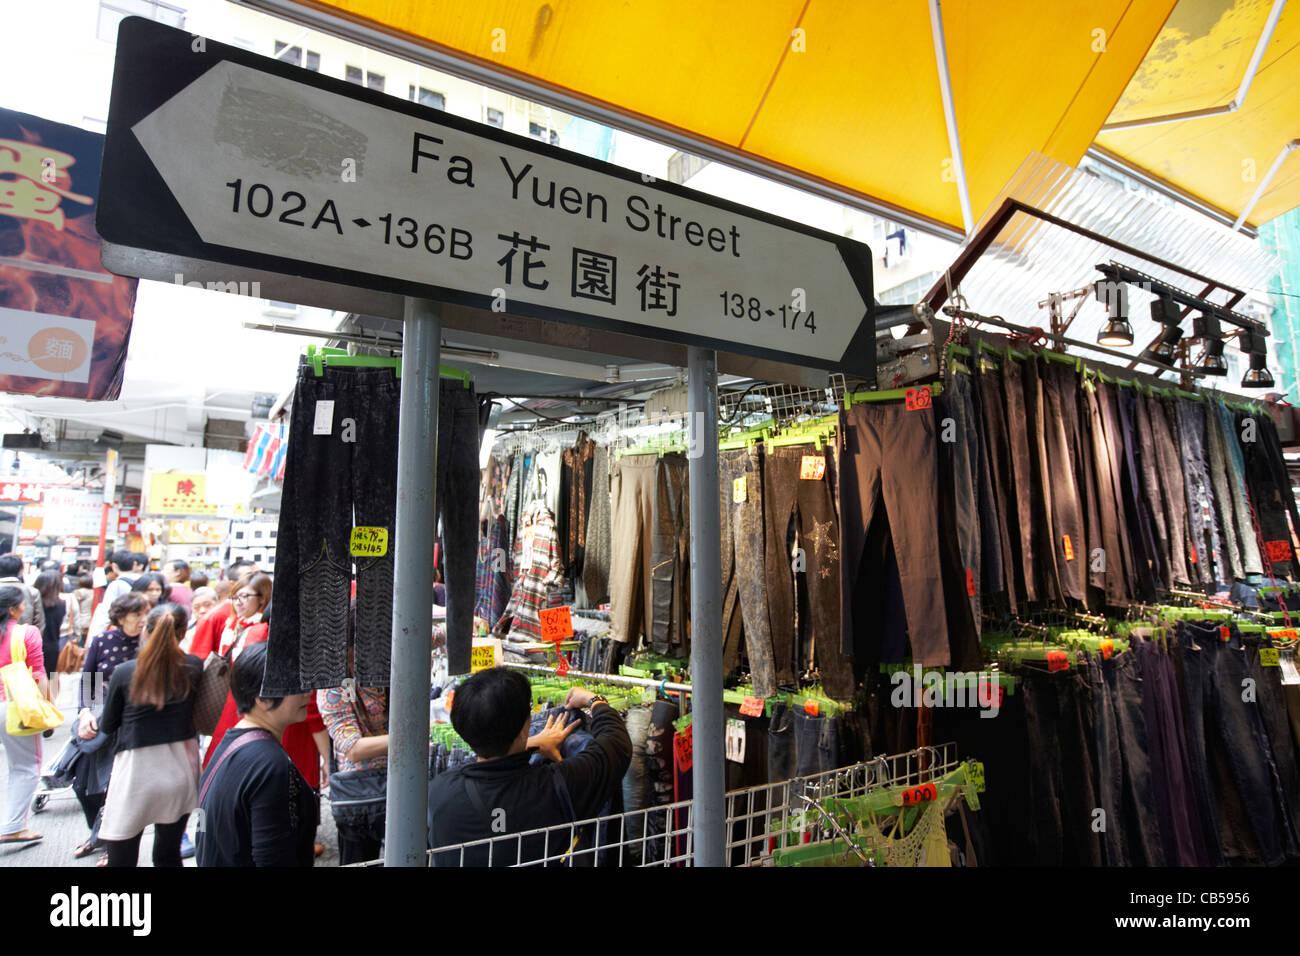 fa yuen street market mong kok district kowloon hong kong hksar china - Stock Image